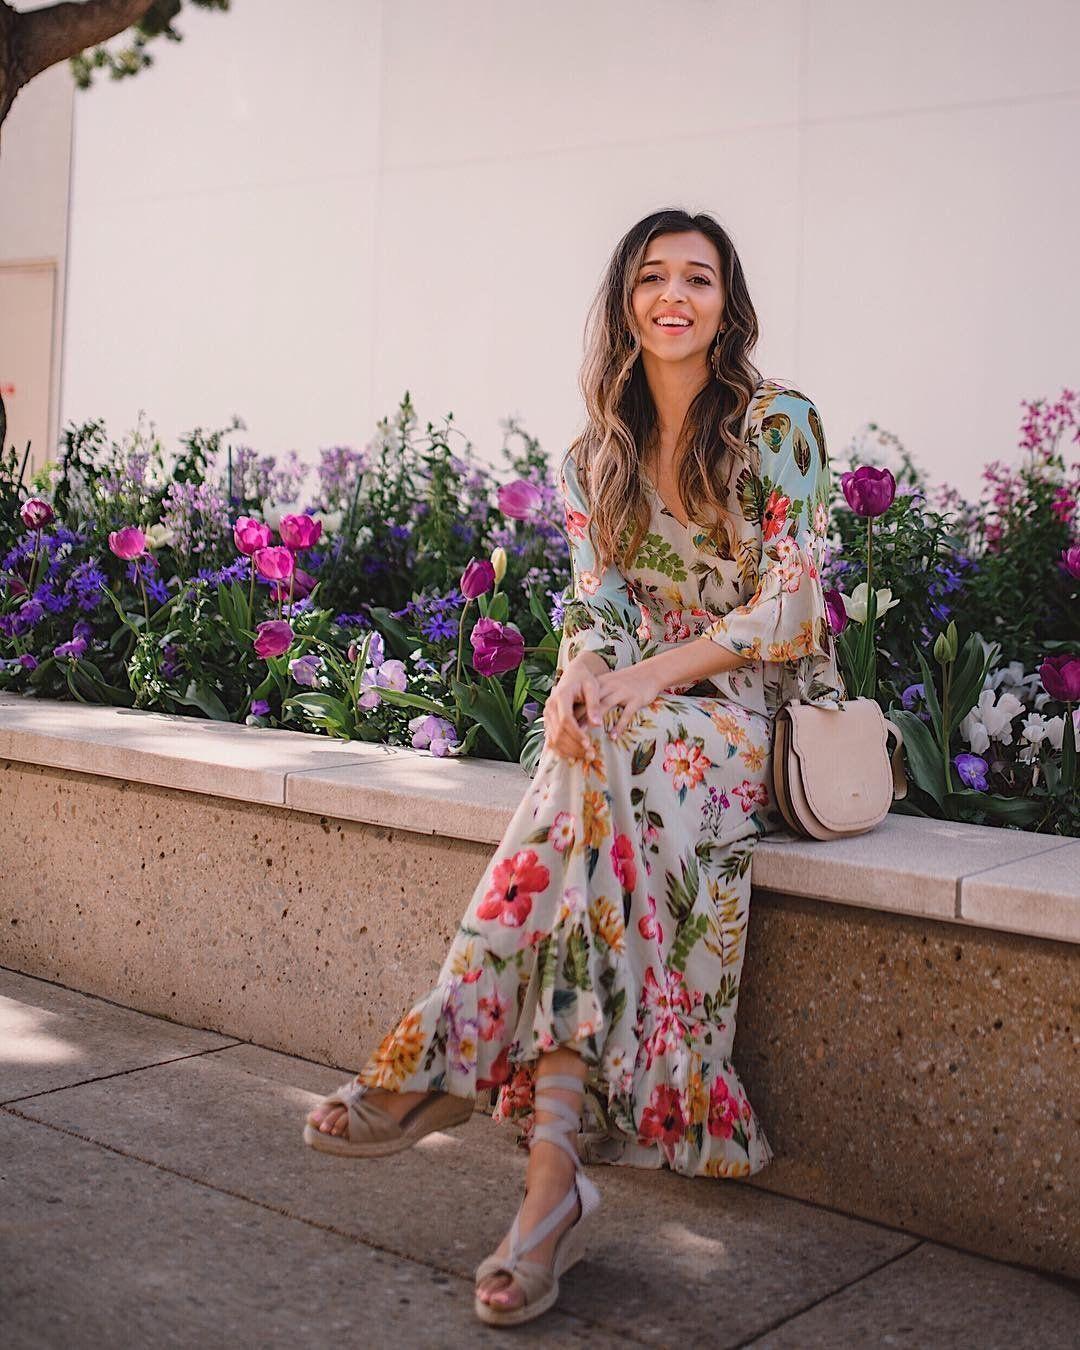 Ruth Floral Maxi Dress Floral Maxi Dress Cute Summer Dresses Long Summer Dresses